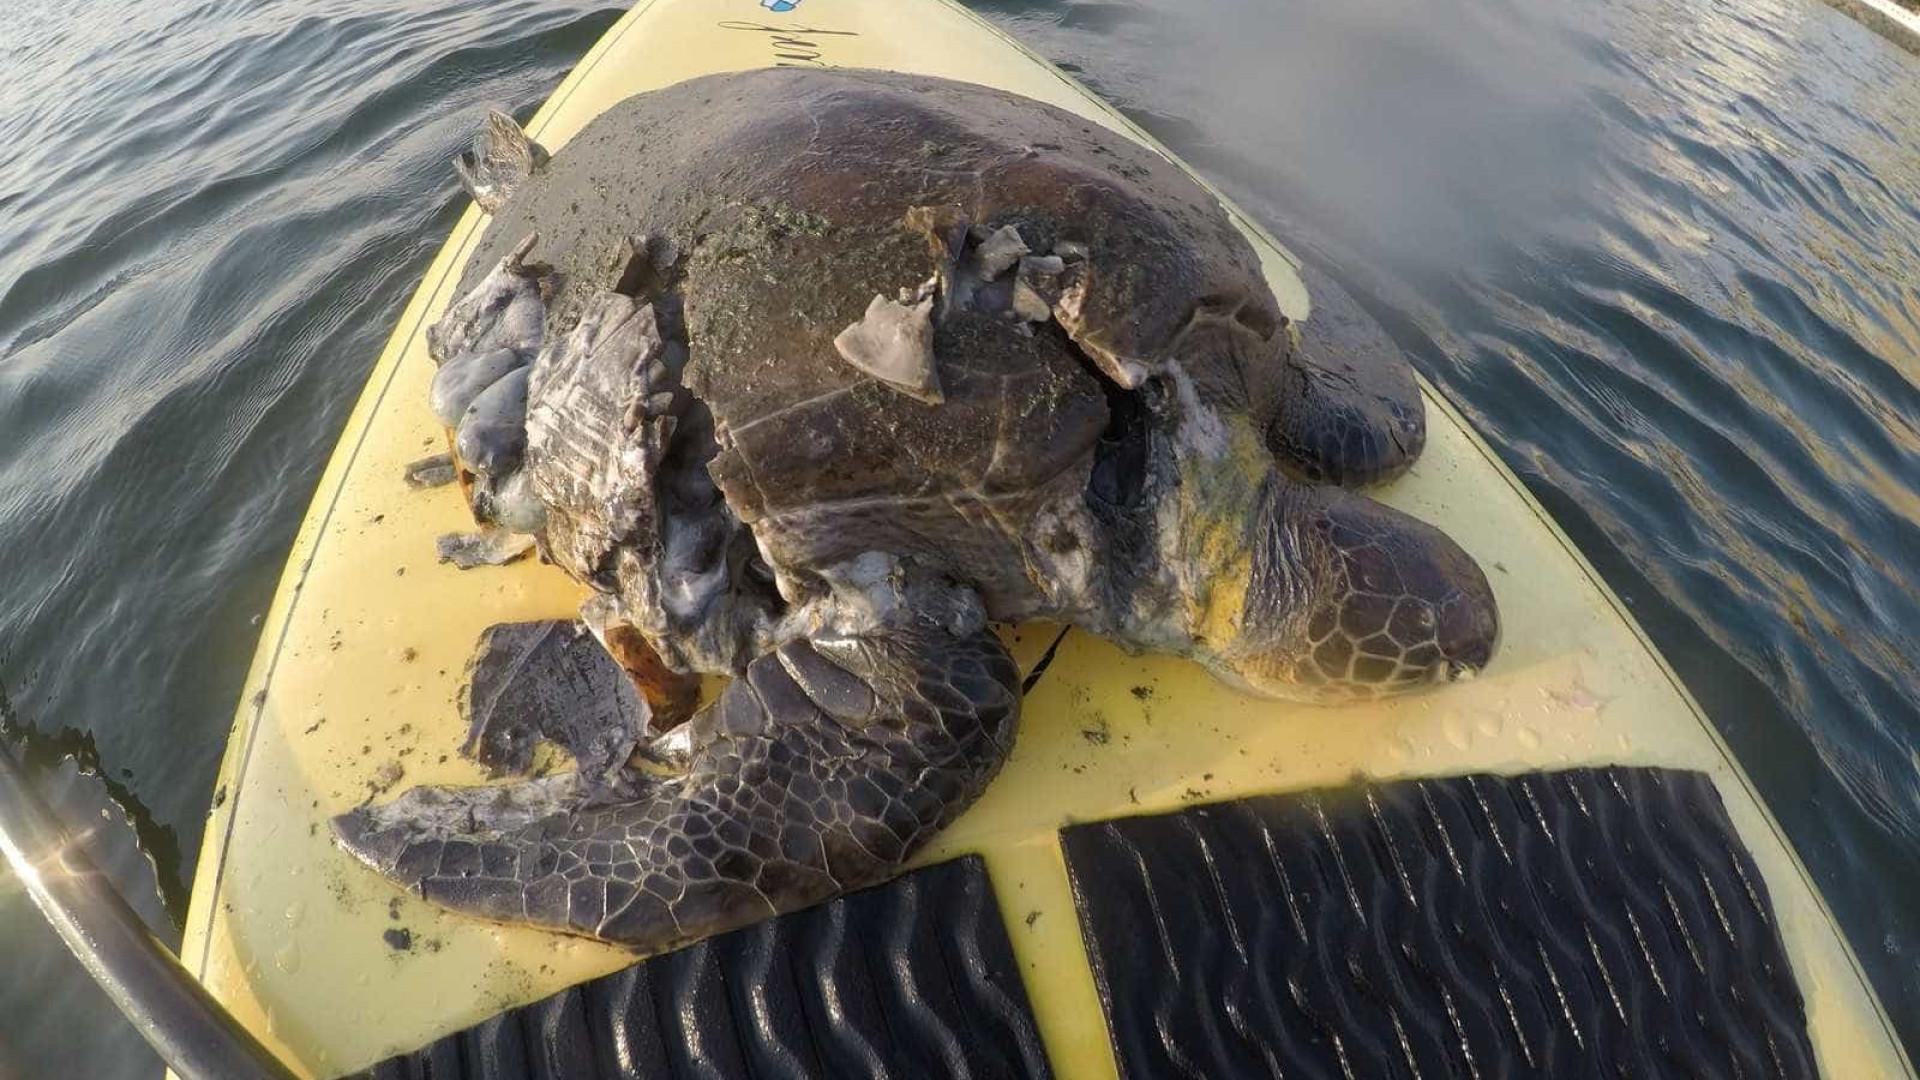 Tartaruga tem casco destruído por jet ski e morre em praia de Santos